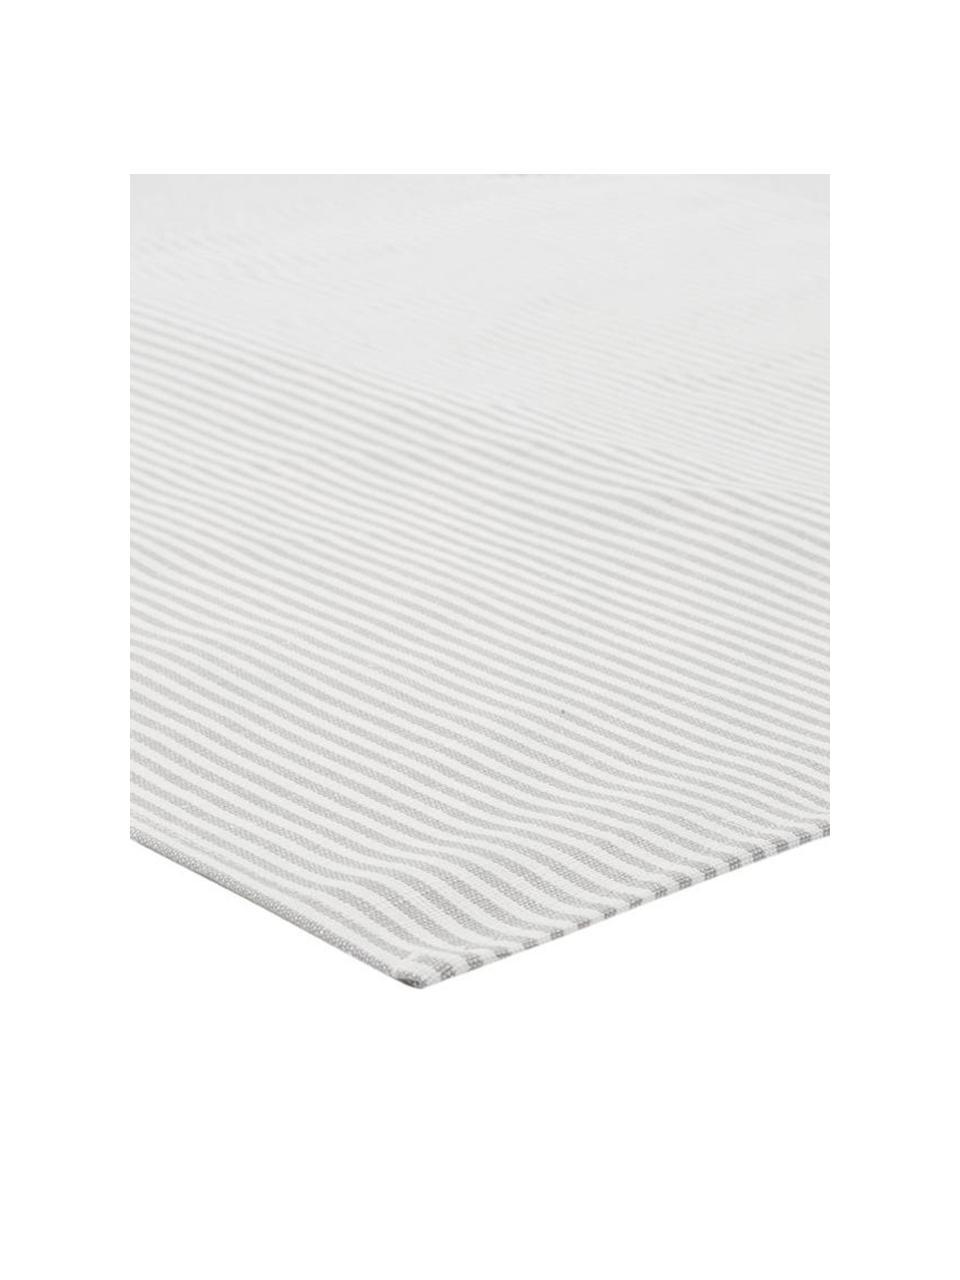 Serviettes de table composées pour moitié de lin Rayures, 6 pièces, Blanc, gris